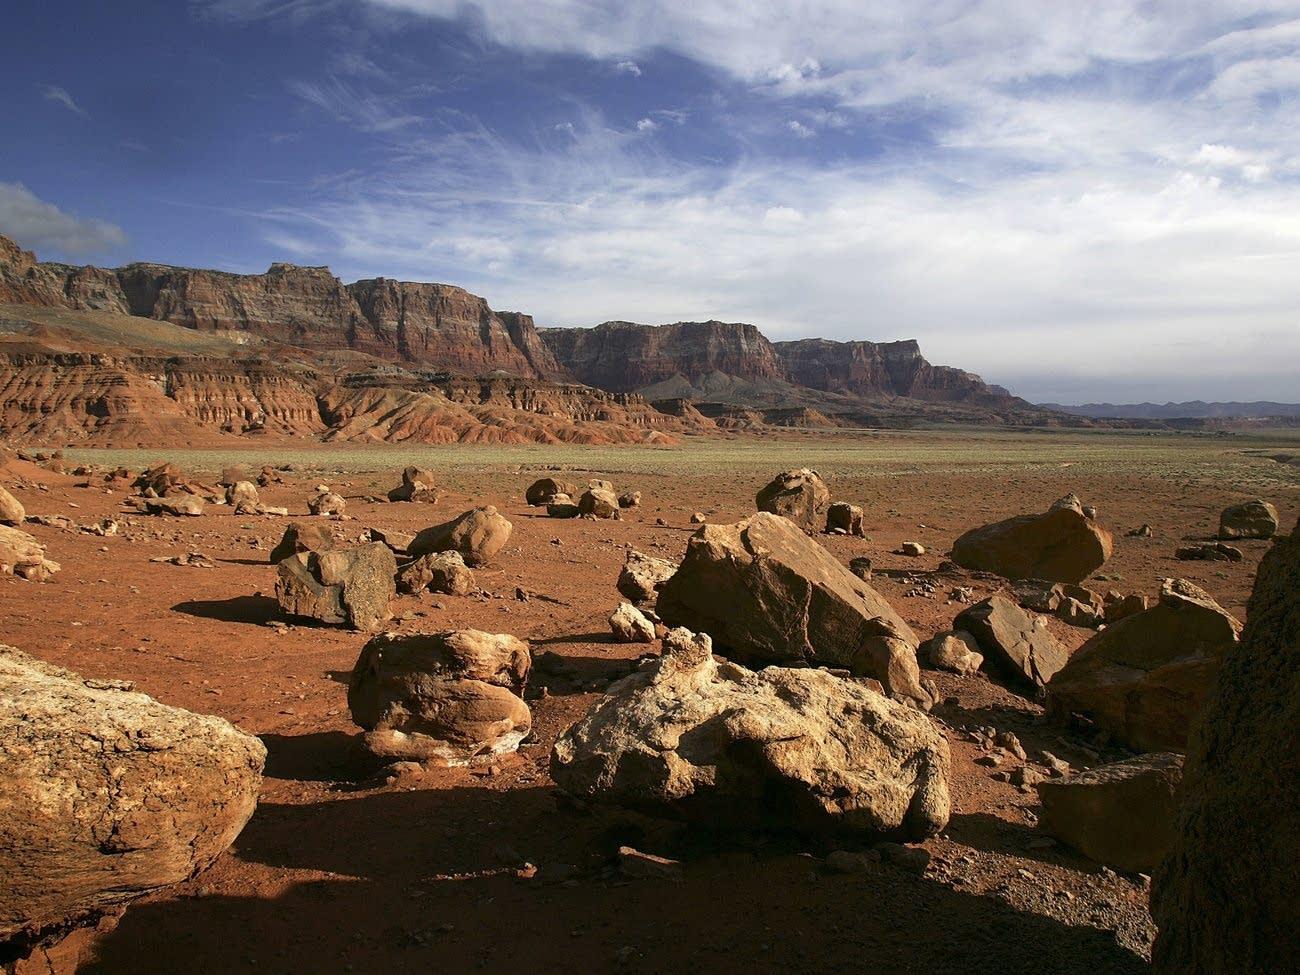 The Vermillion Cliffs National Monument